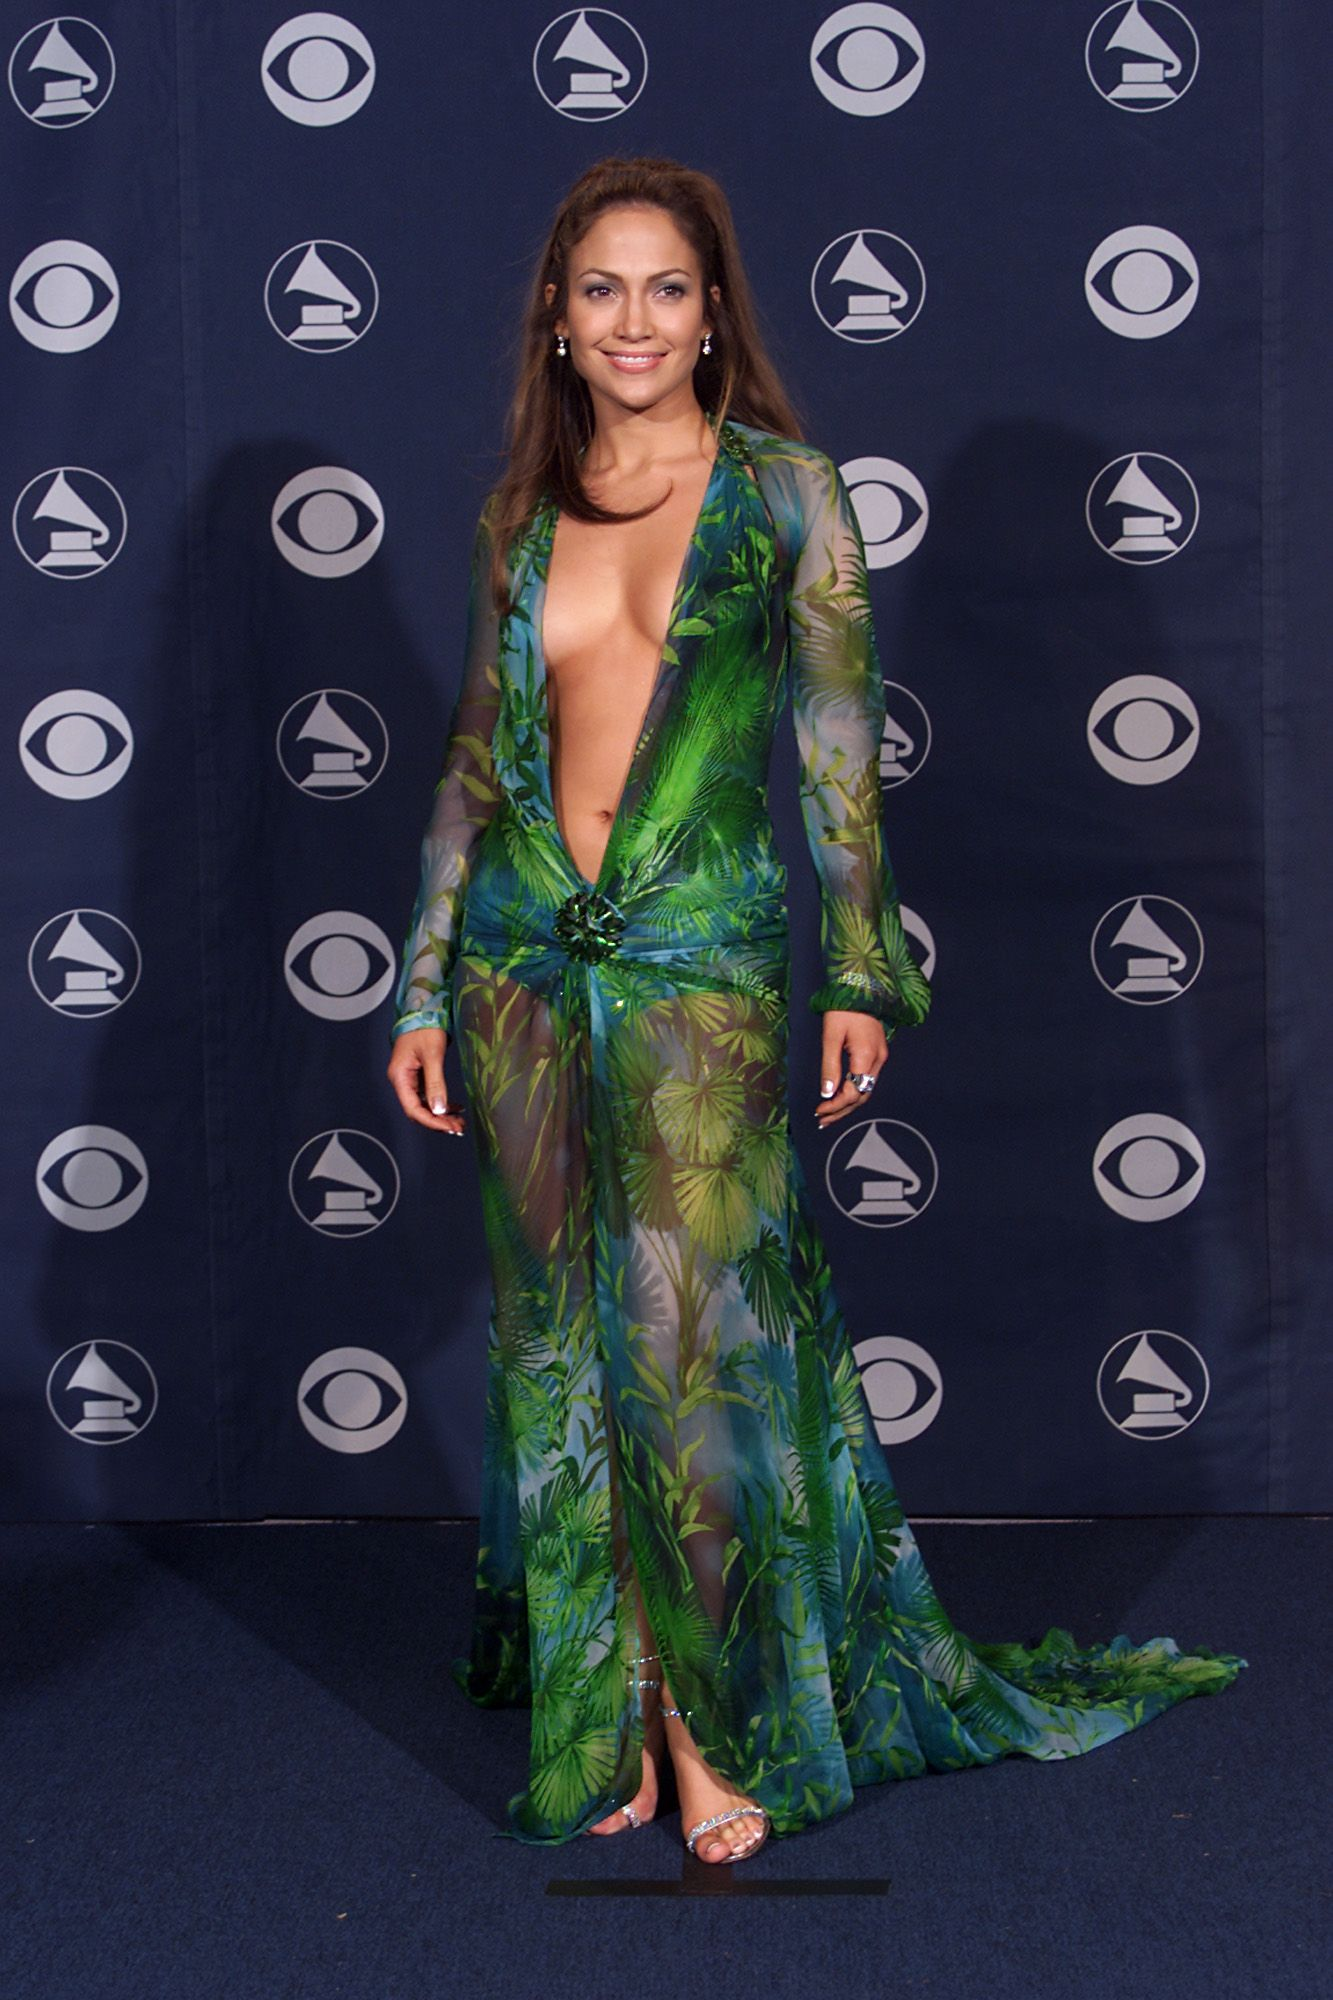 Vestito verde trasparente versace